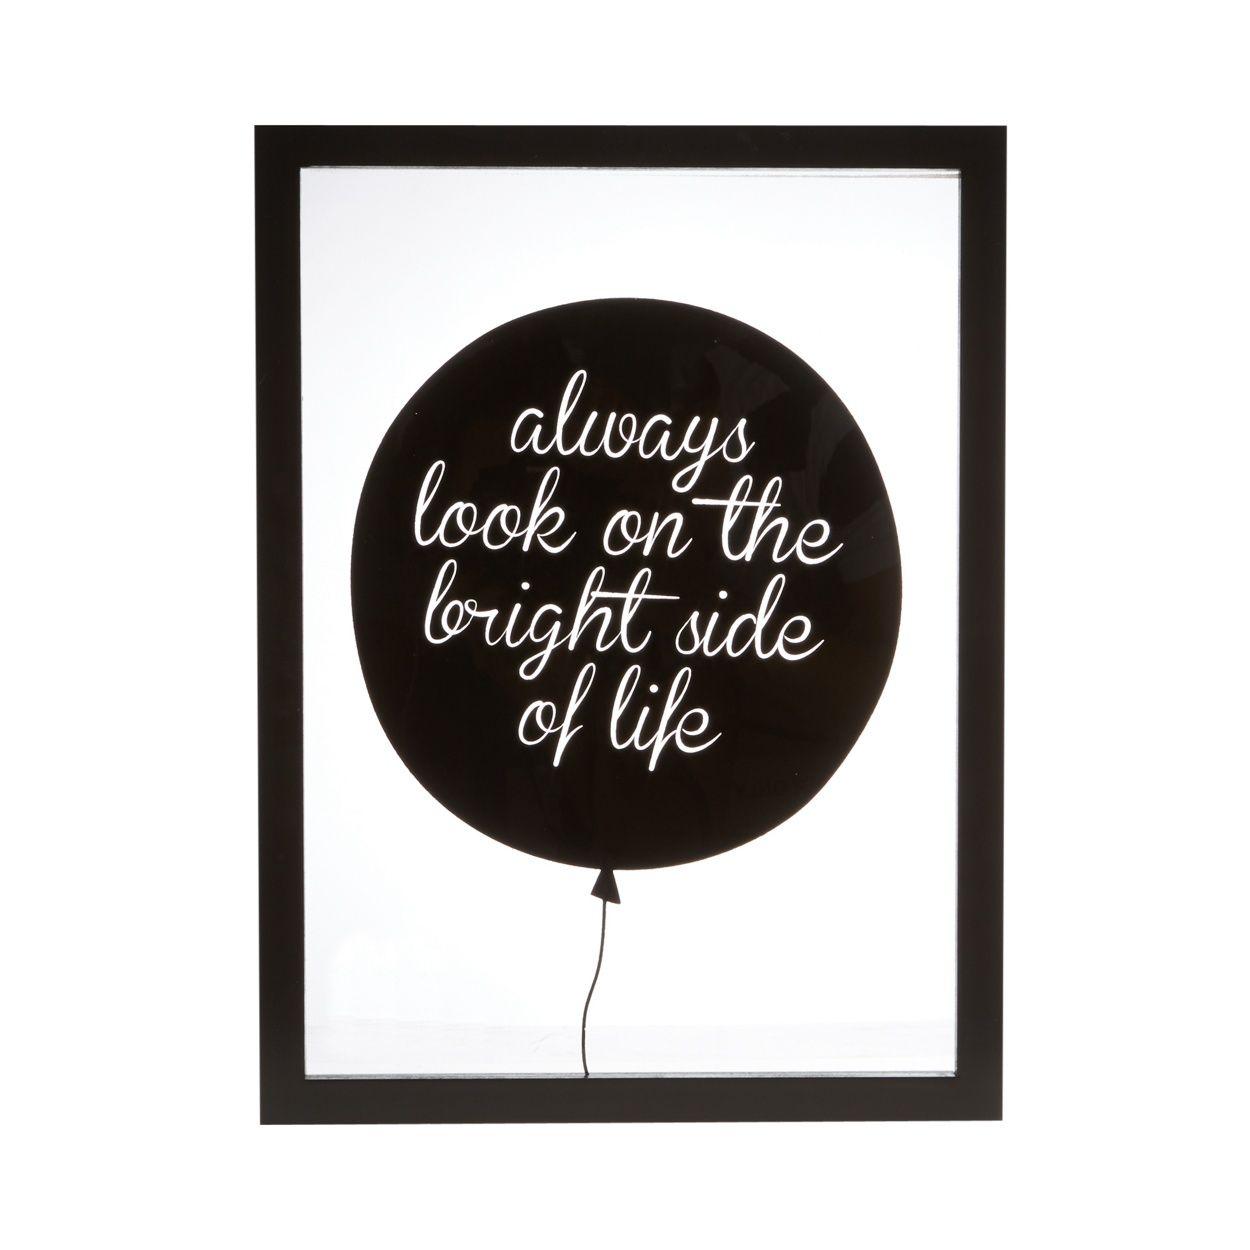 Black balloon slogan wall art at ausdrucken